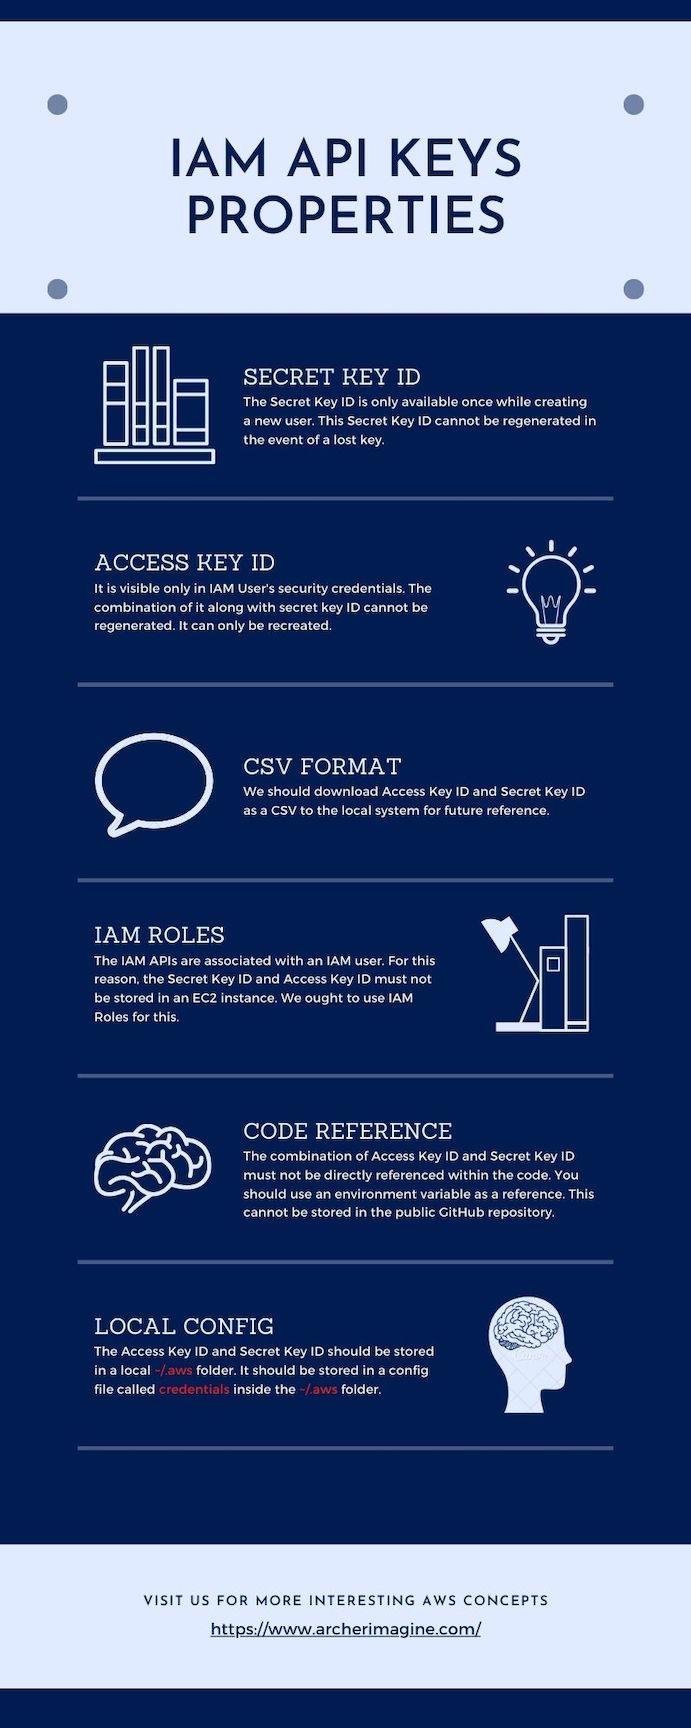 AWS Made Easy | IAM API Key Properties